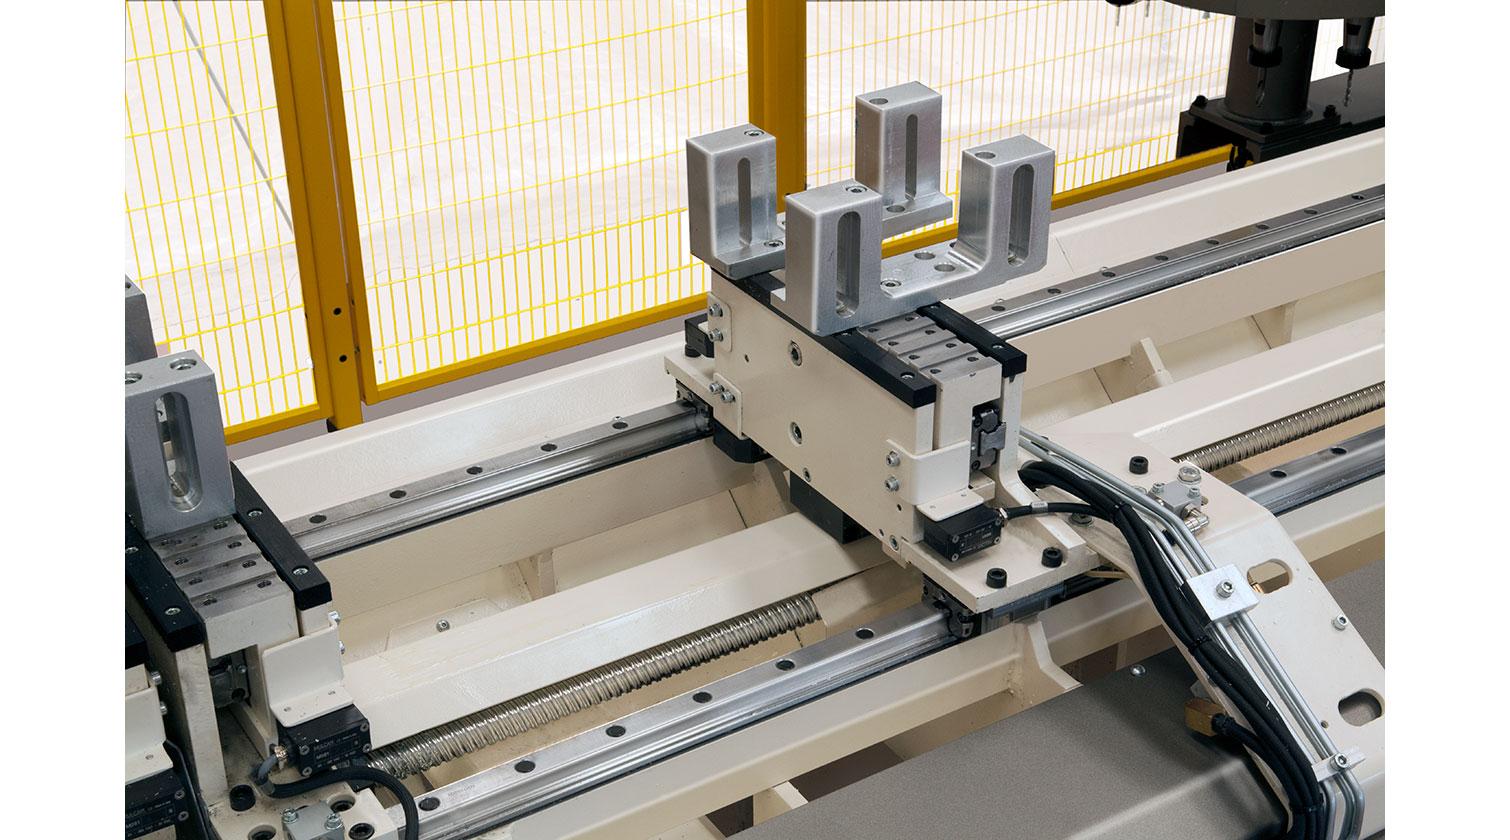 INT aluminum CNC Mecal FM 311 fabrication centre clamps detail 1